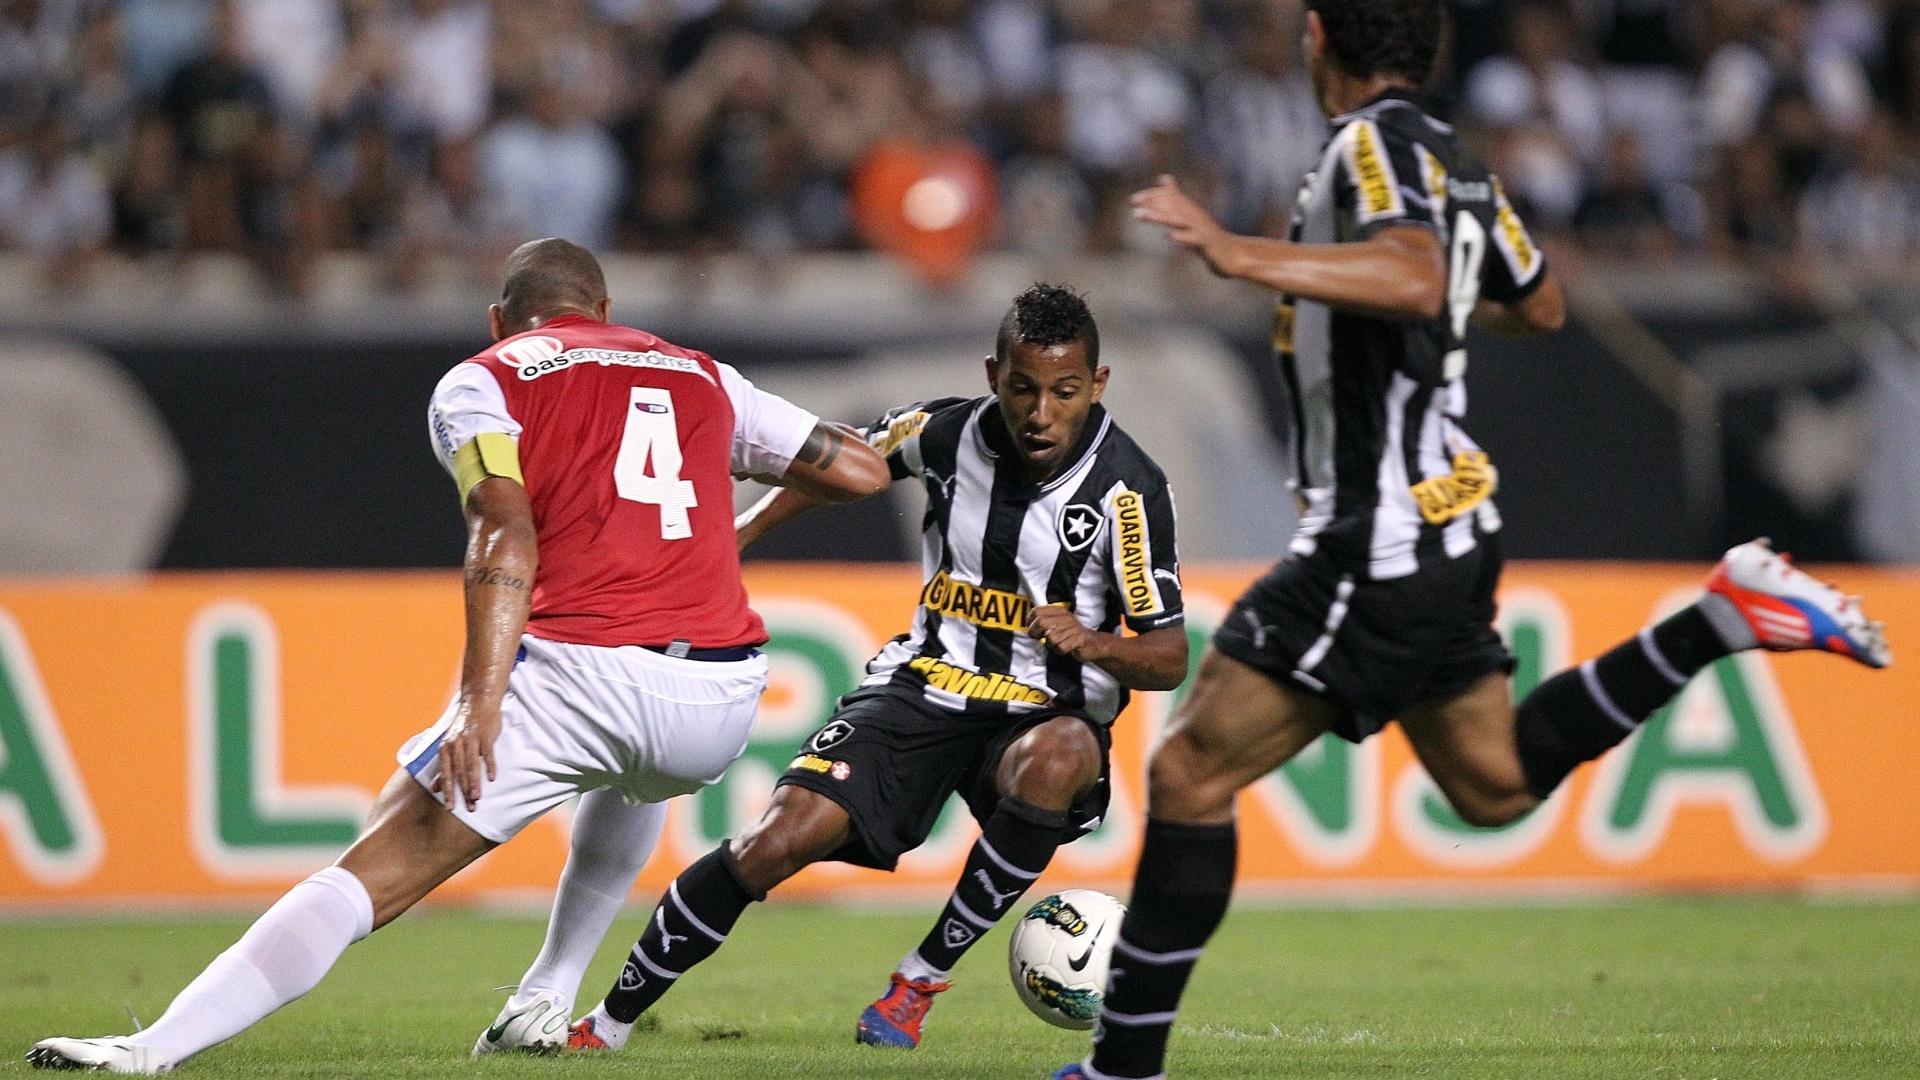 Meia do Botafogo, Vitor Júnior faz o corte em Titi, zagueiro e capitão do Bahia